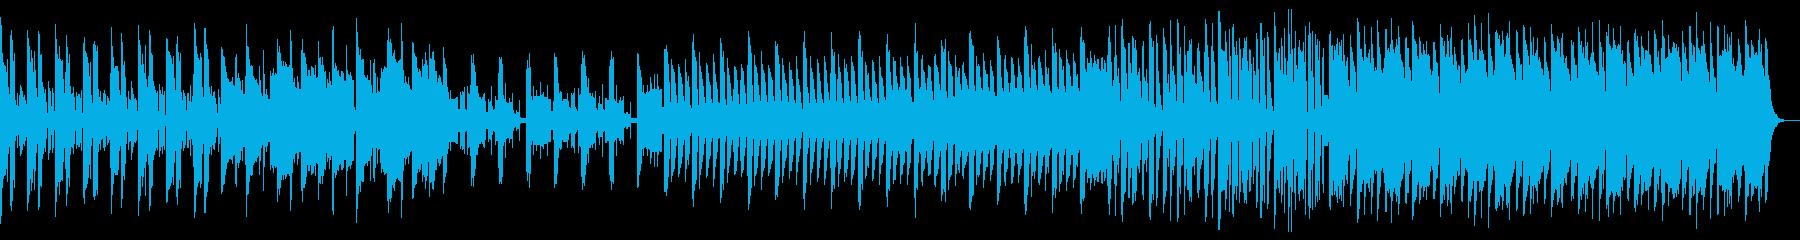 炭酸飲料をイメージしたシンセリードBGMの再生済みの波形